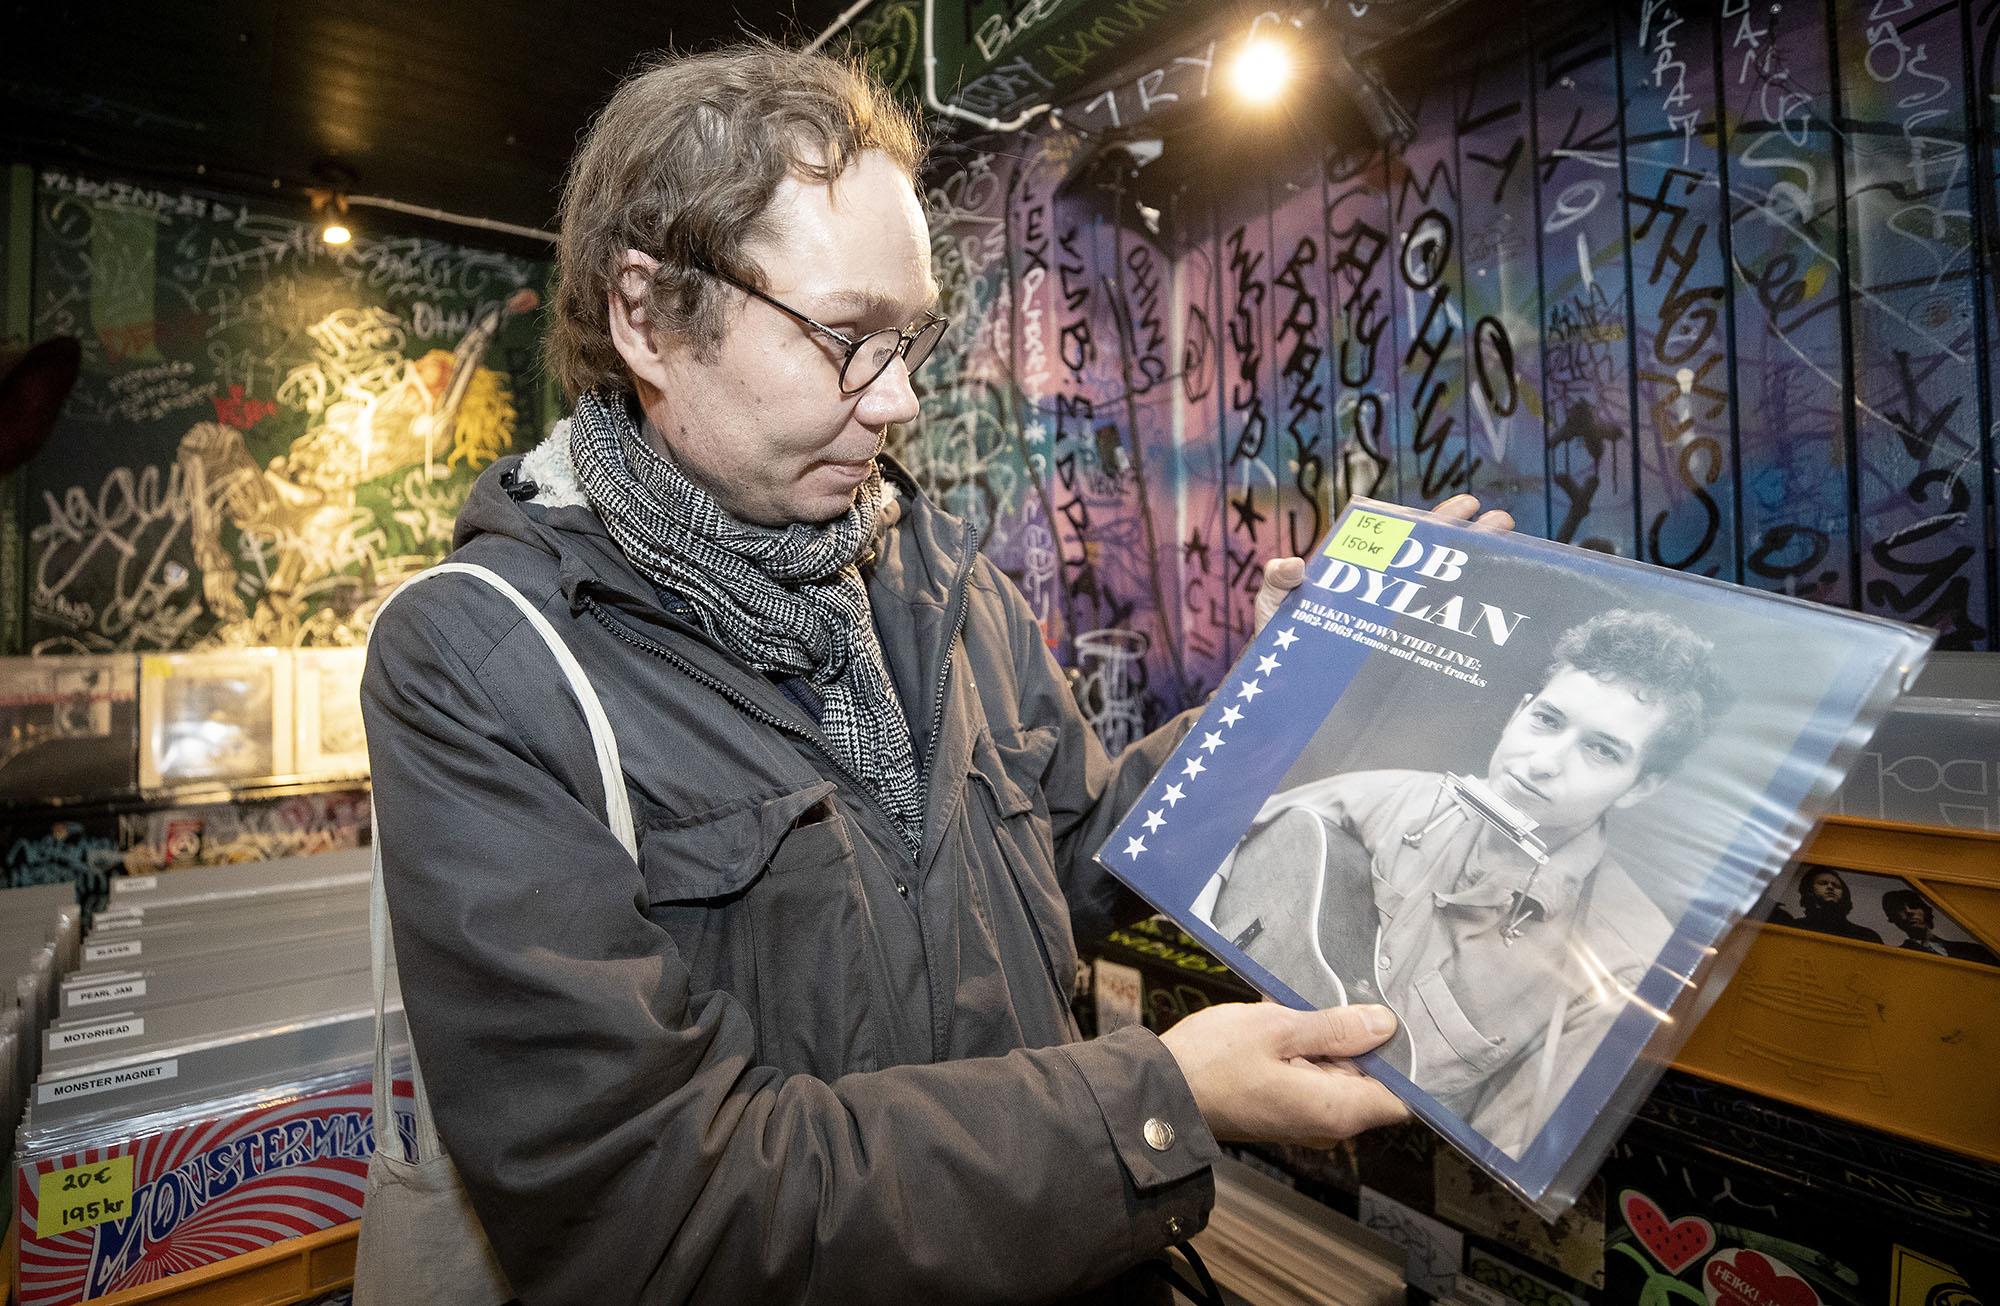 Levykaupassa Ville Kujala tutkii Bob Dylanin LP-levyä.